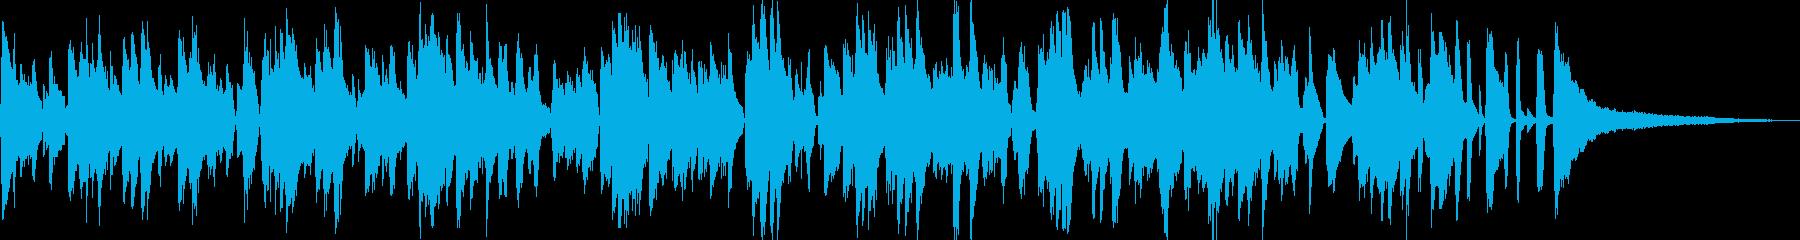 爽やか系ラウンジ風ボサノバ/ピアノトリオの再生済みの波形